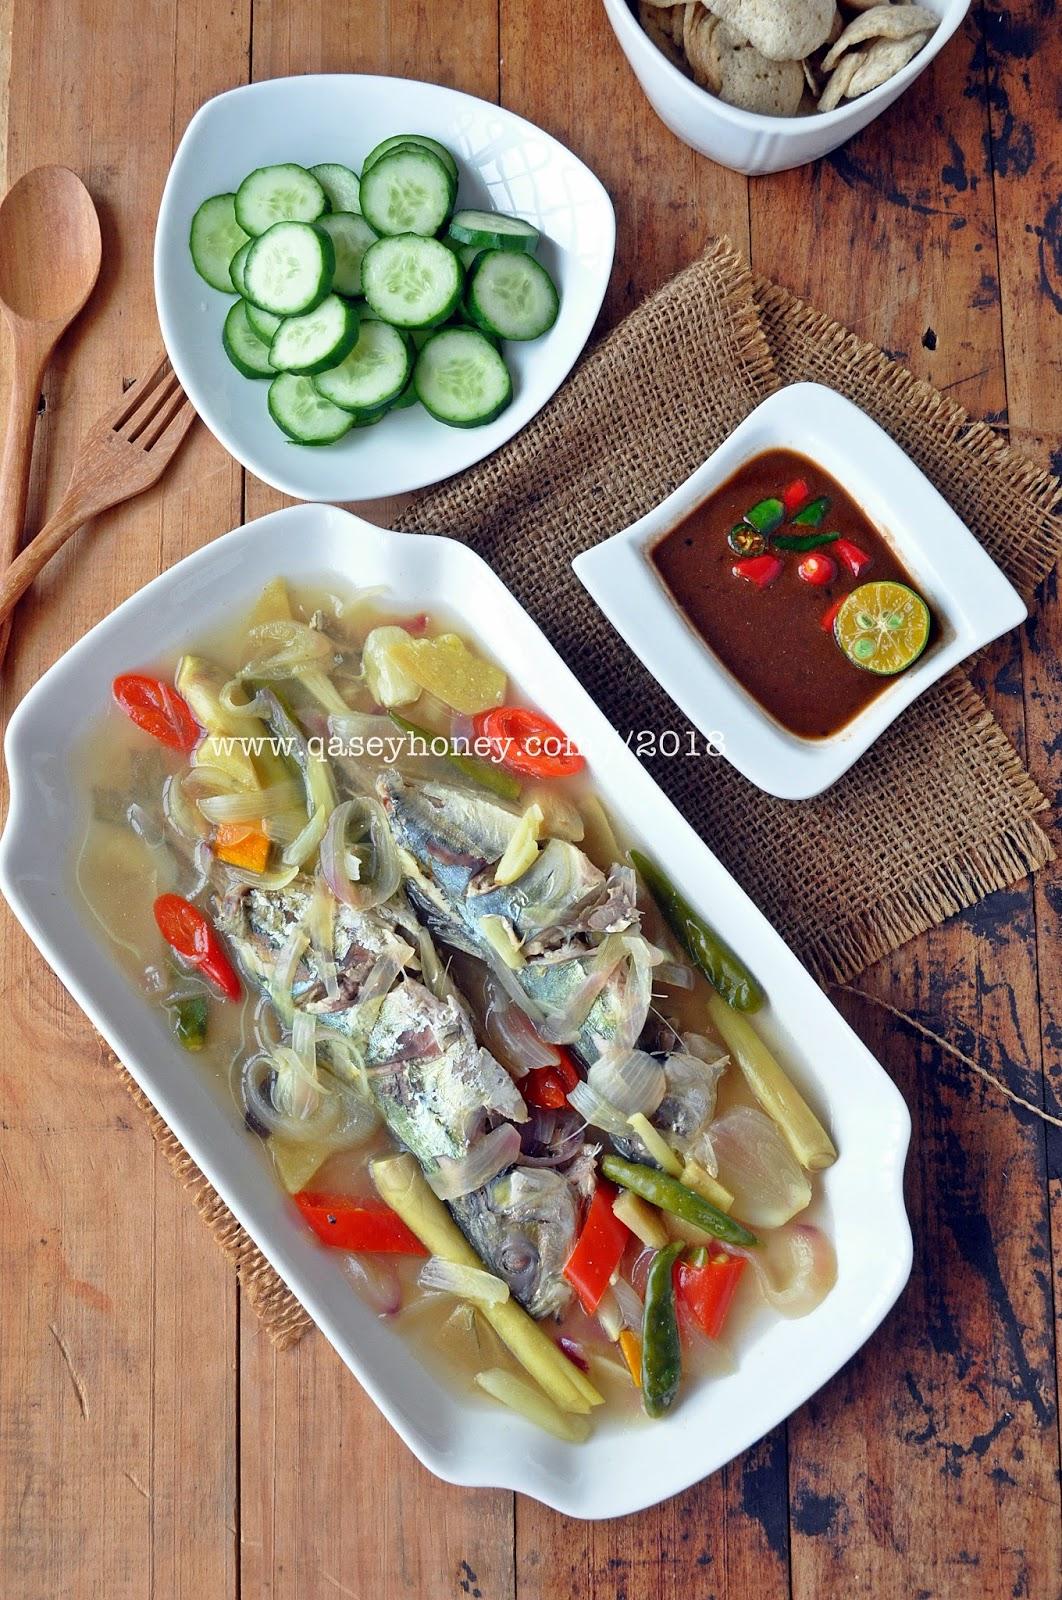 Ikan Selar Masak Singgang Qasey Honey